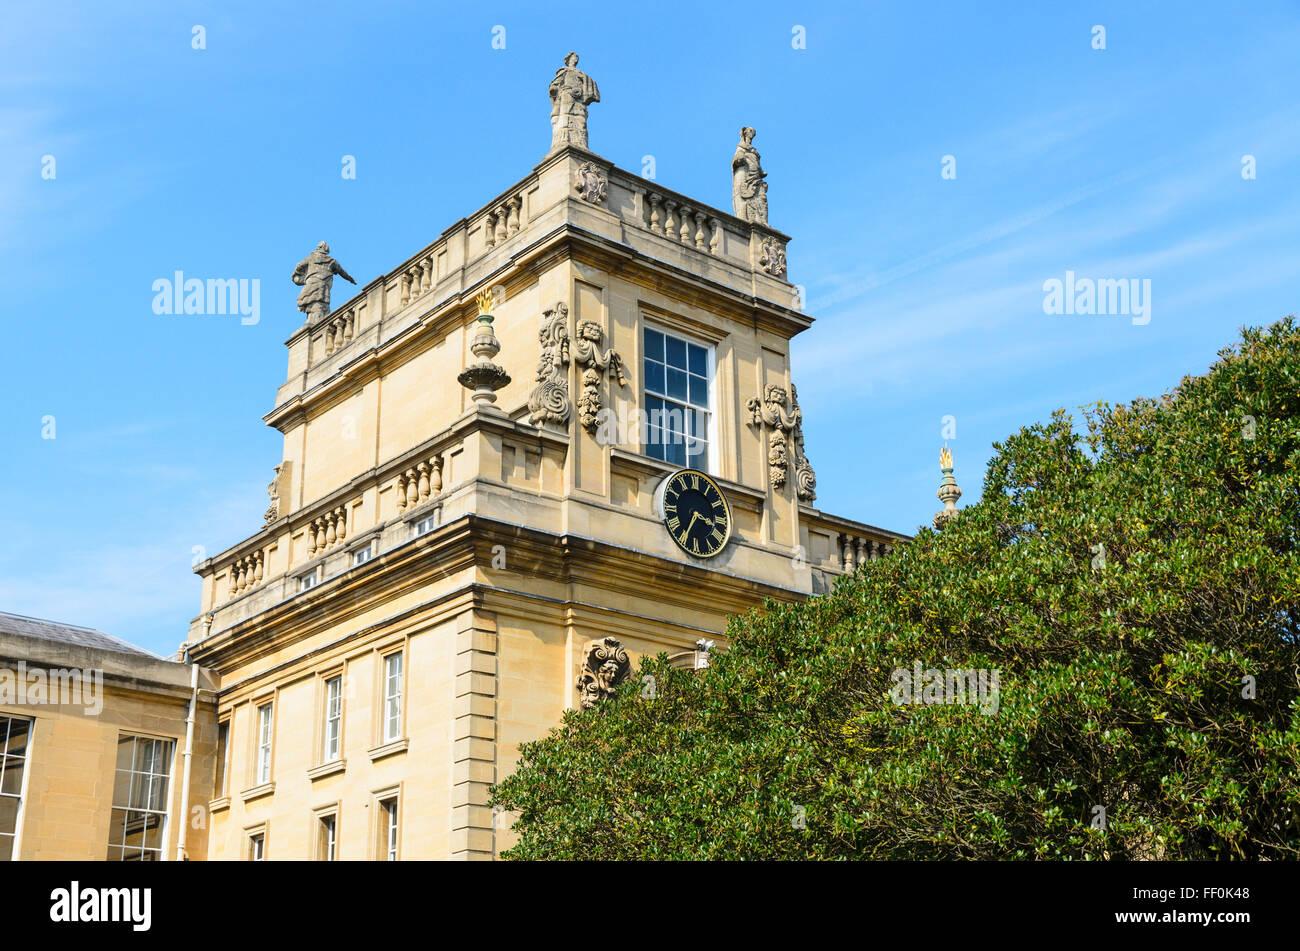 Trinity College, Stock Photo